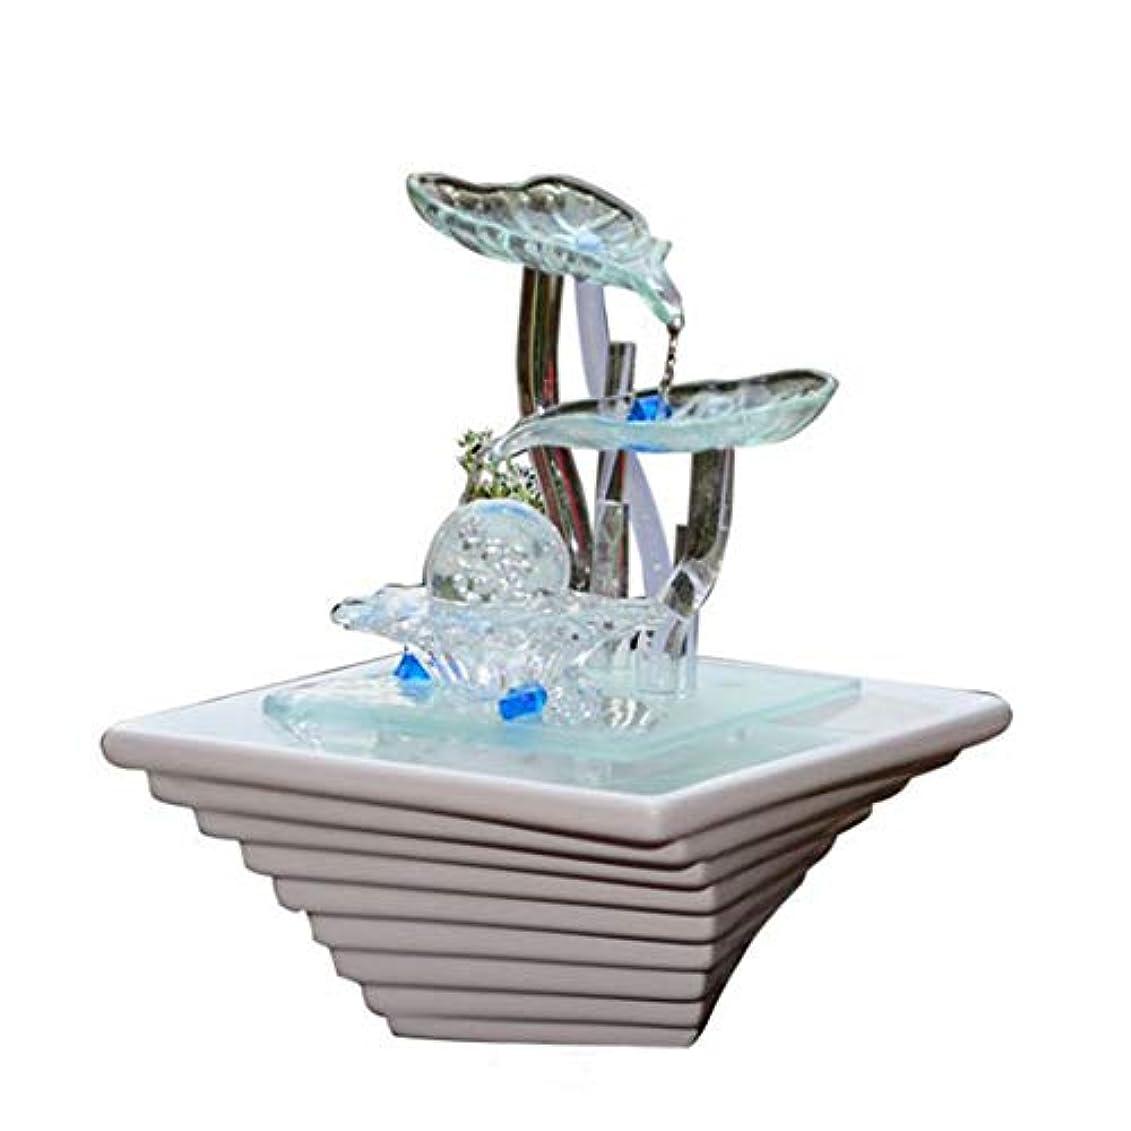 動詞うまくいけば消化器加湿器ホームデスクトップの装飾セラミックガラス工芸品の装飾品噴水装飾品バレンタインデー結婚式の誕生日パーフェクトギフト